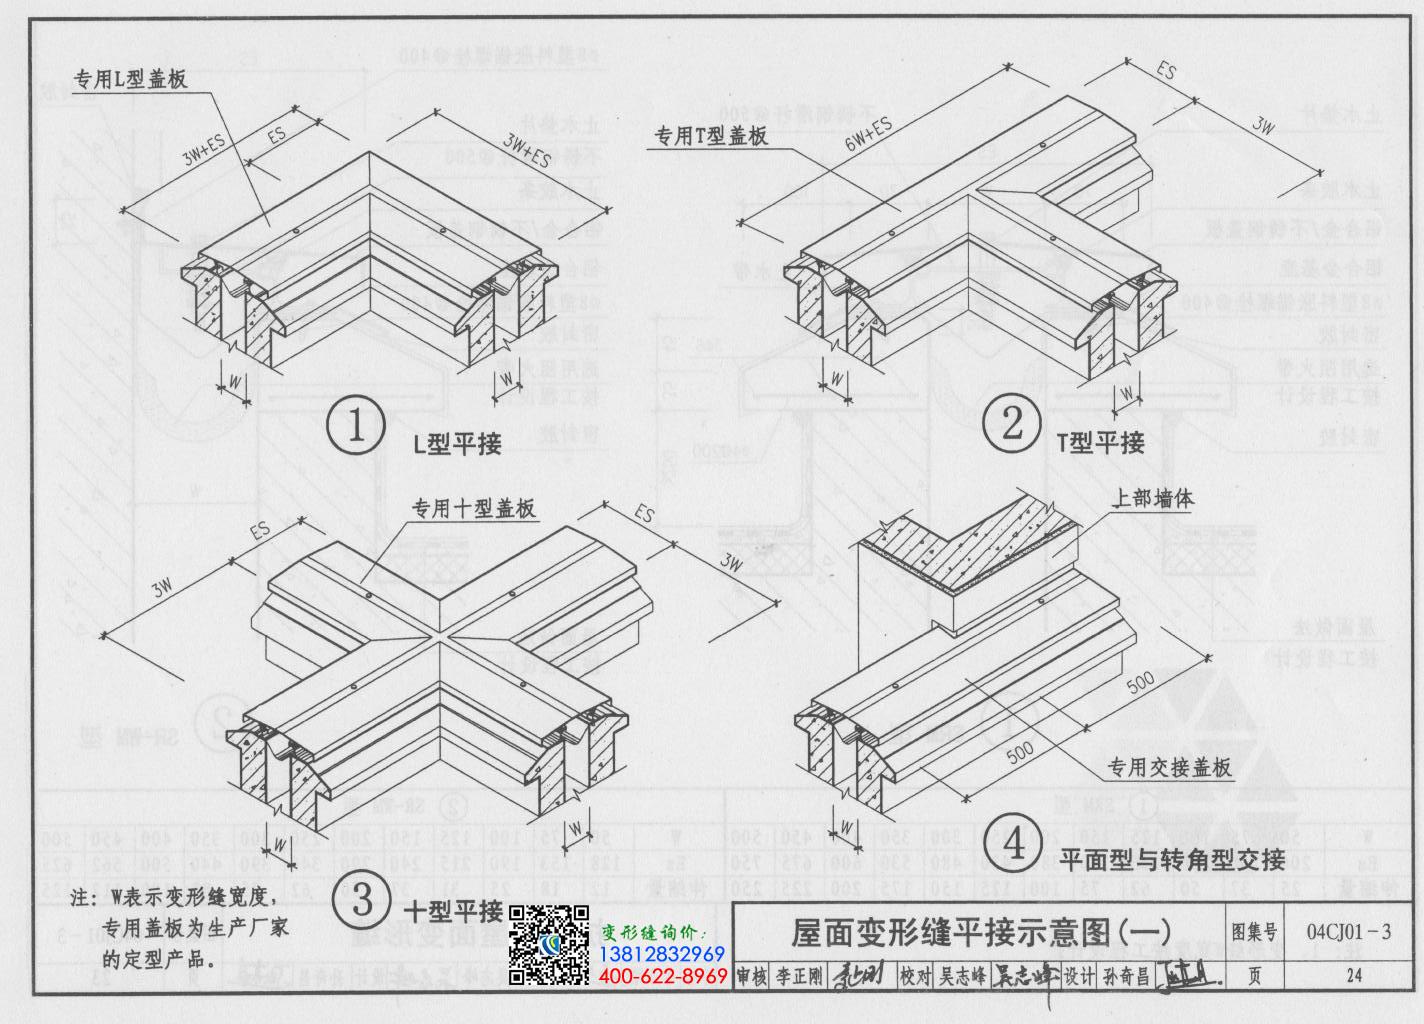 变形缝图集04cj01-3第24页屋面变形缝平接示意图(一)